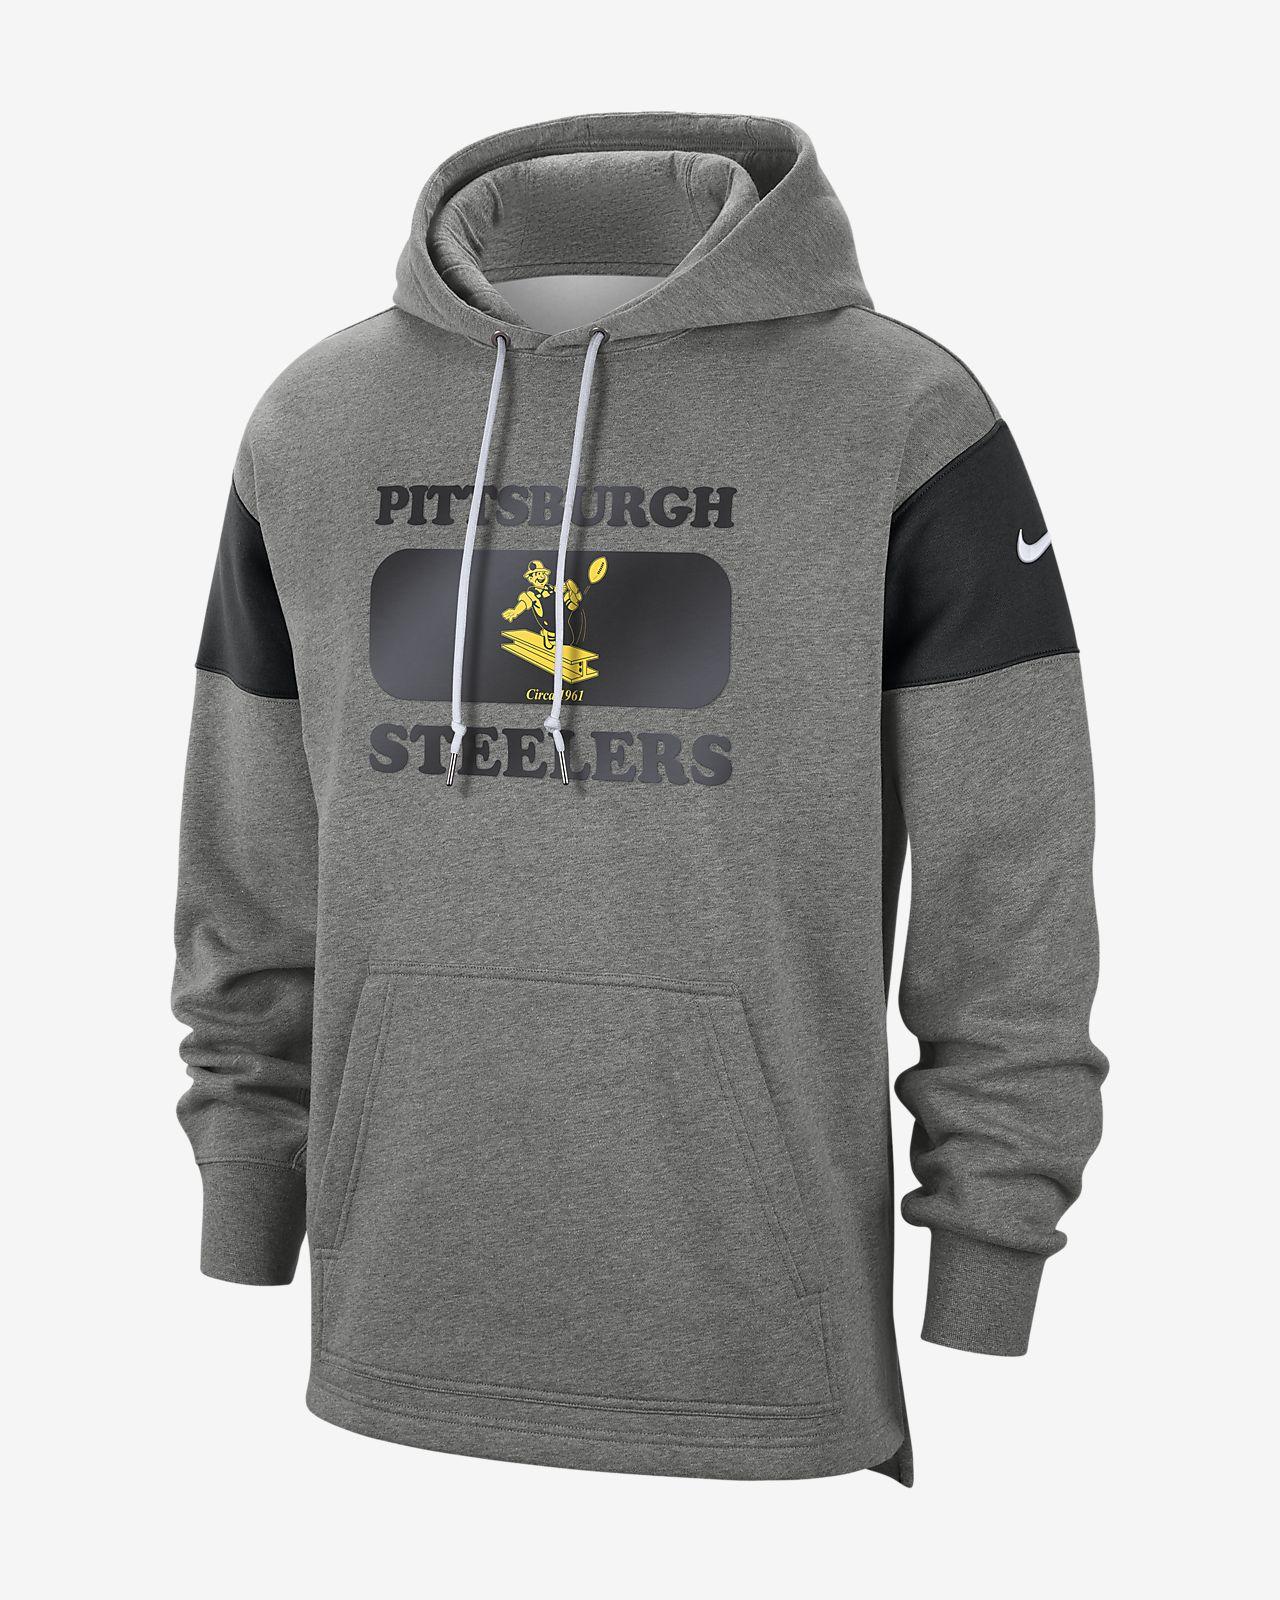 sale retailer d6654 2c788 Nike (NFL Steelers) Men's Hoodie